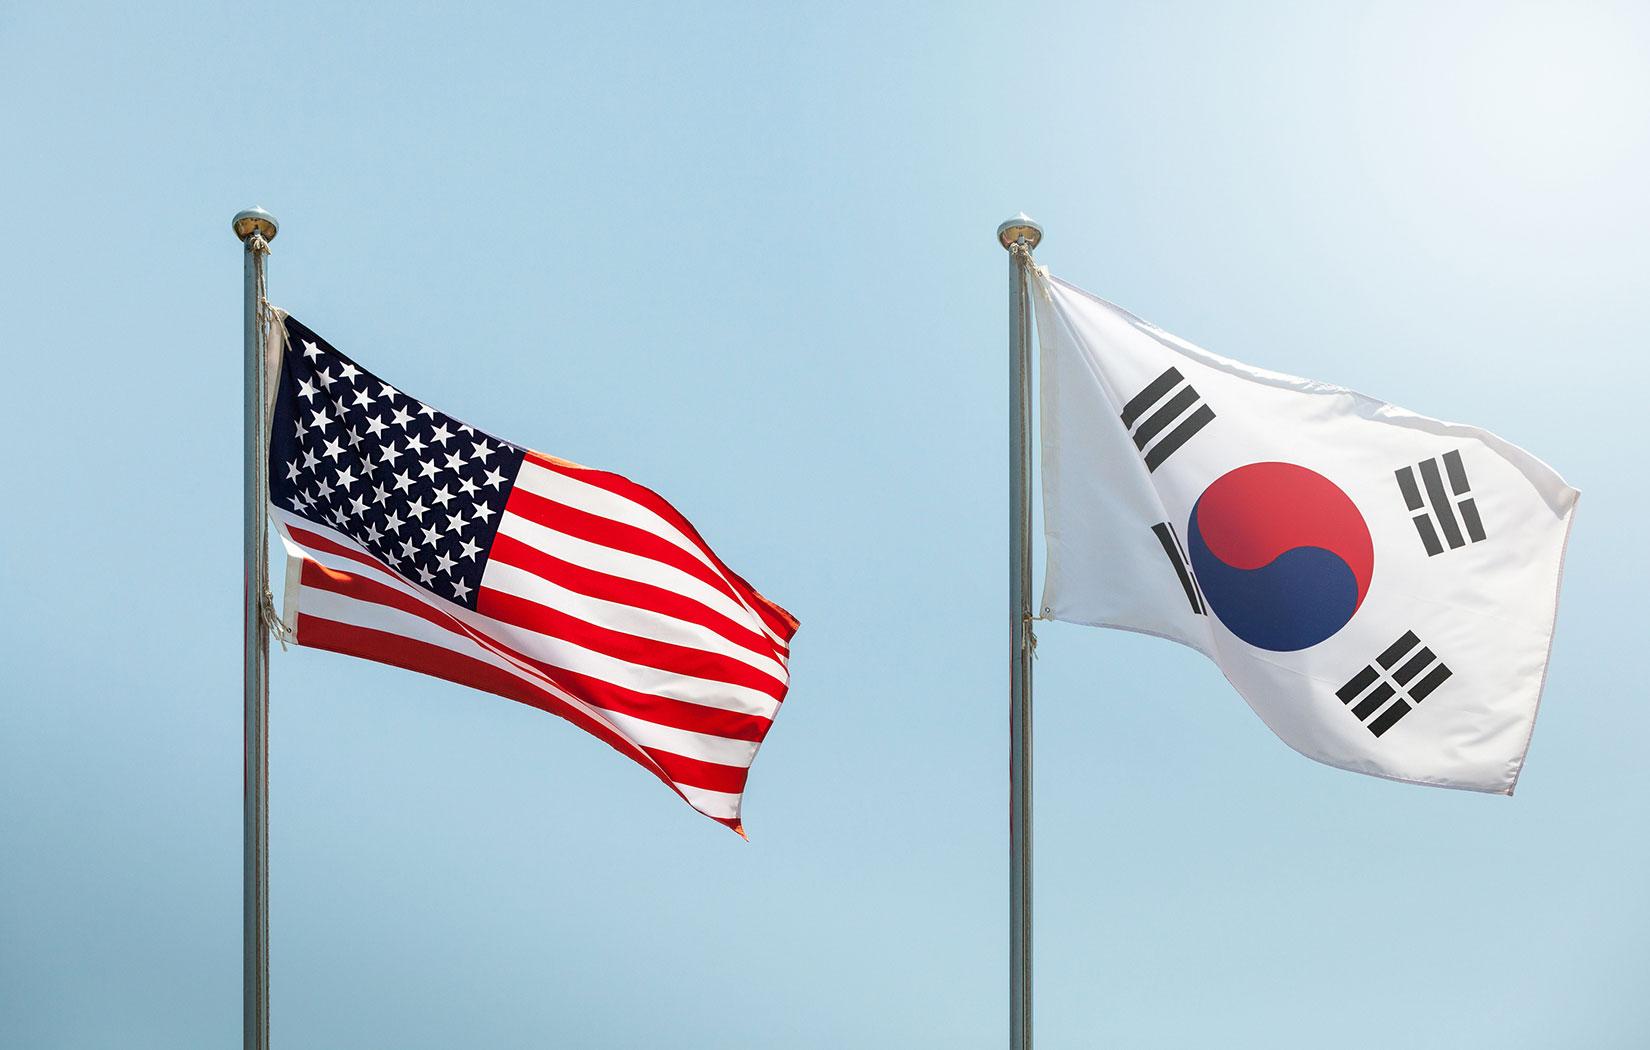 アメリカの動きに対する韓国政府の疑心暗鬼